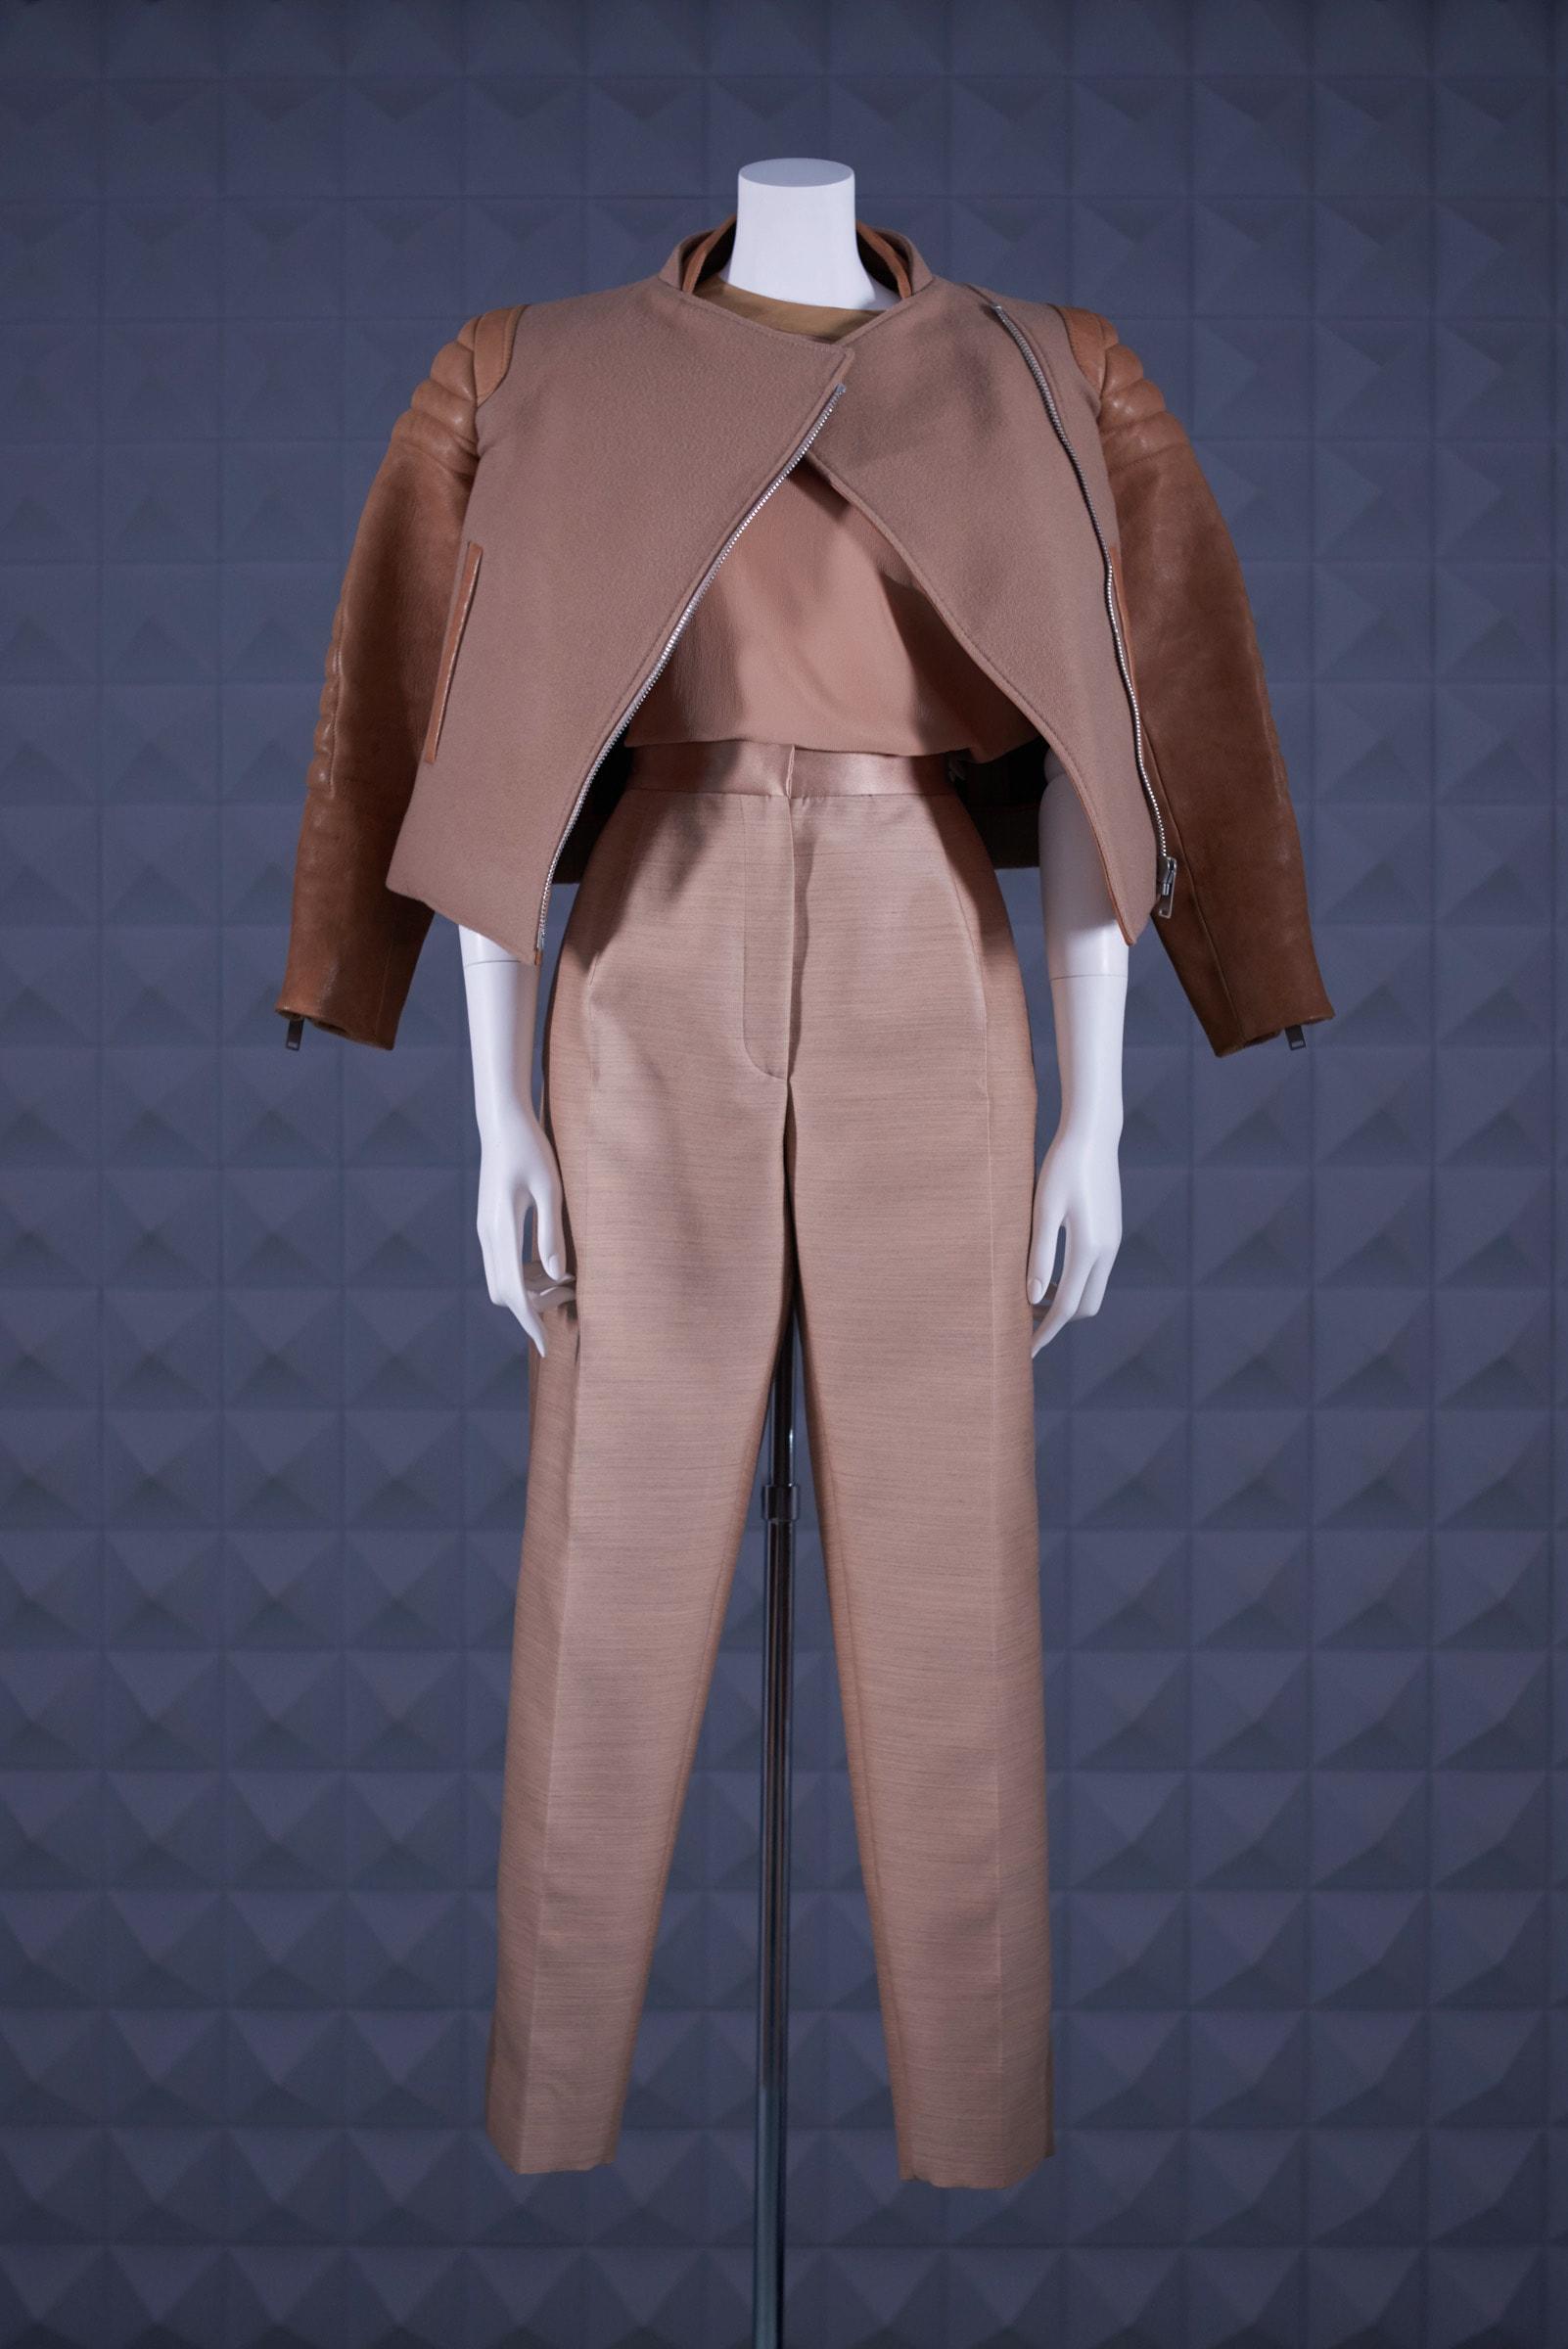 077fdc5a8d13 フィービーによるセリーヌ1stコレクションがLAILA TOKIOで発売